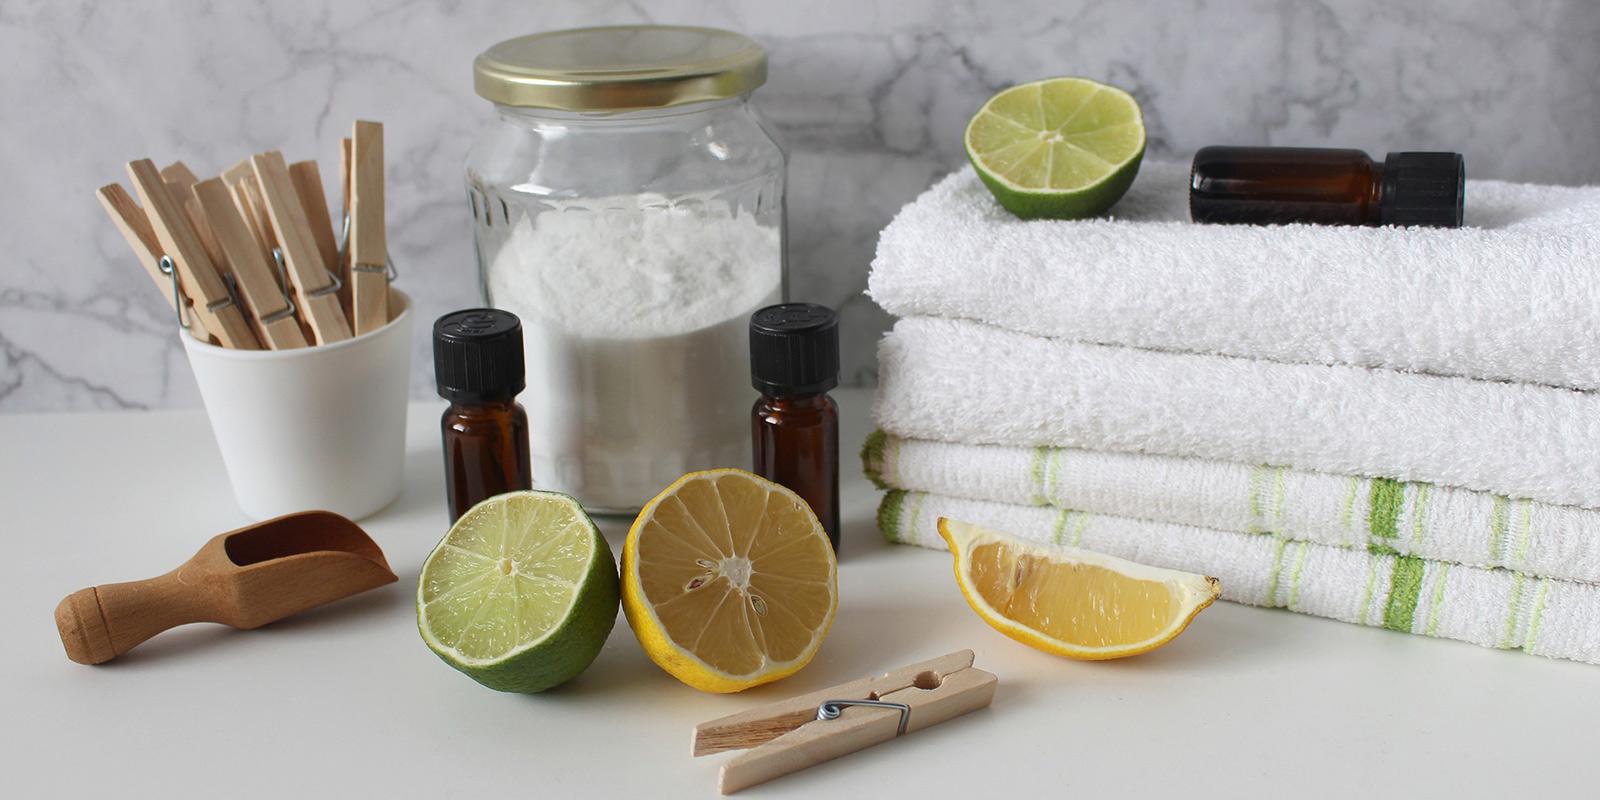 limpeza-com-limao-e-bicarbonato-de-sodio.jpg